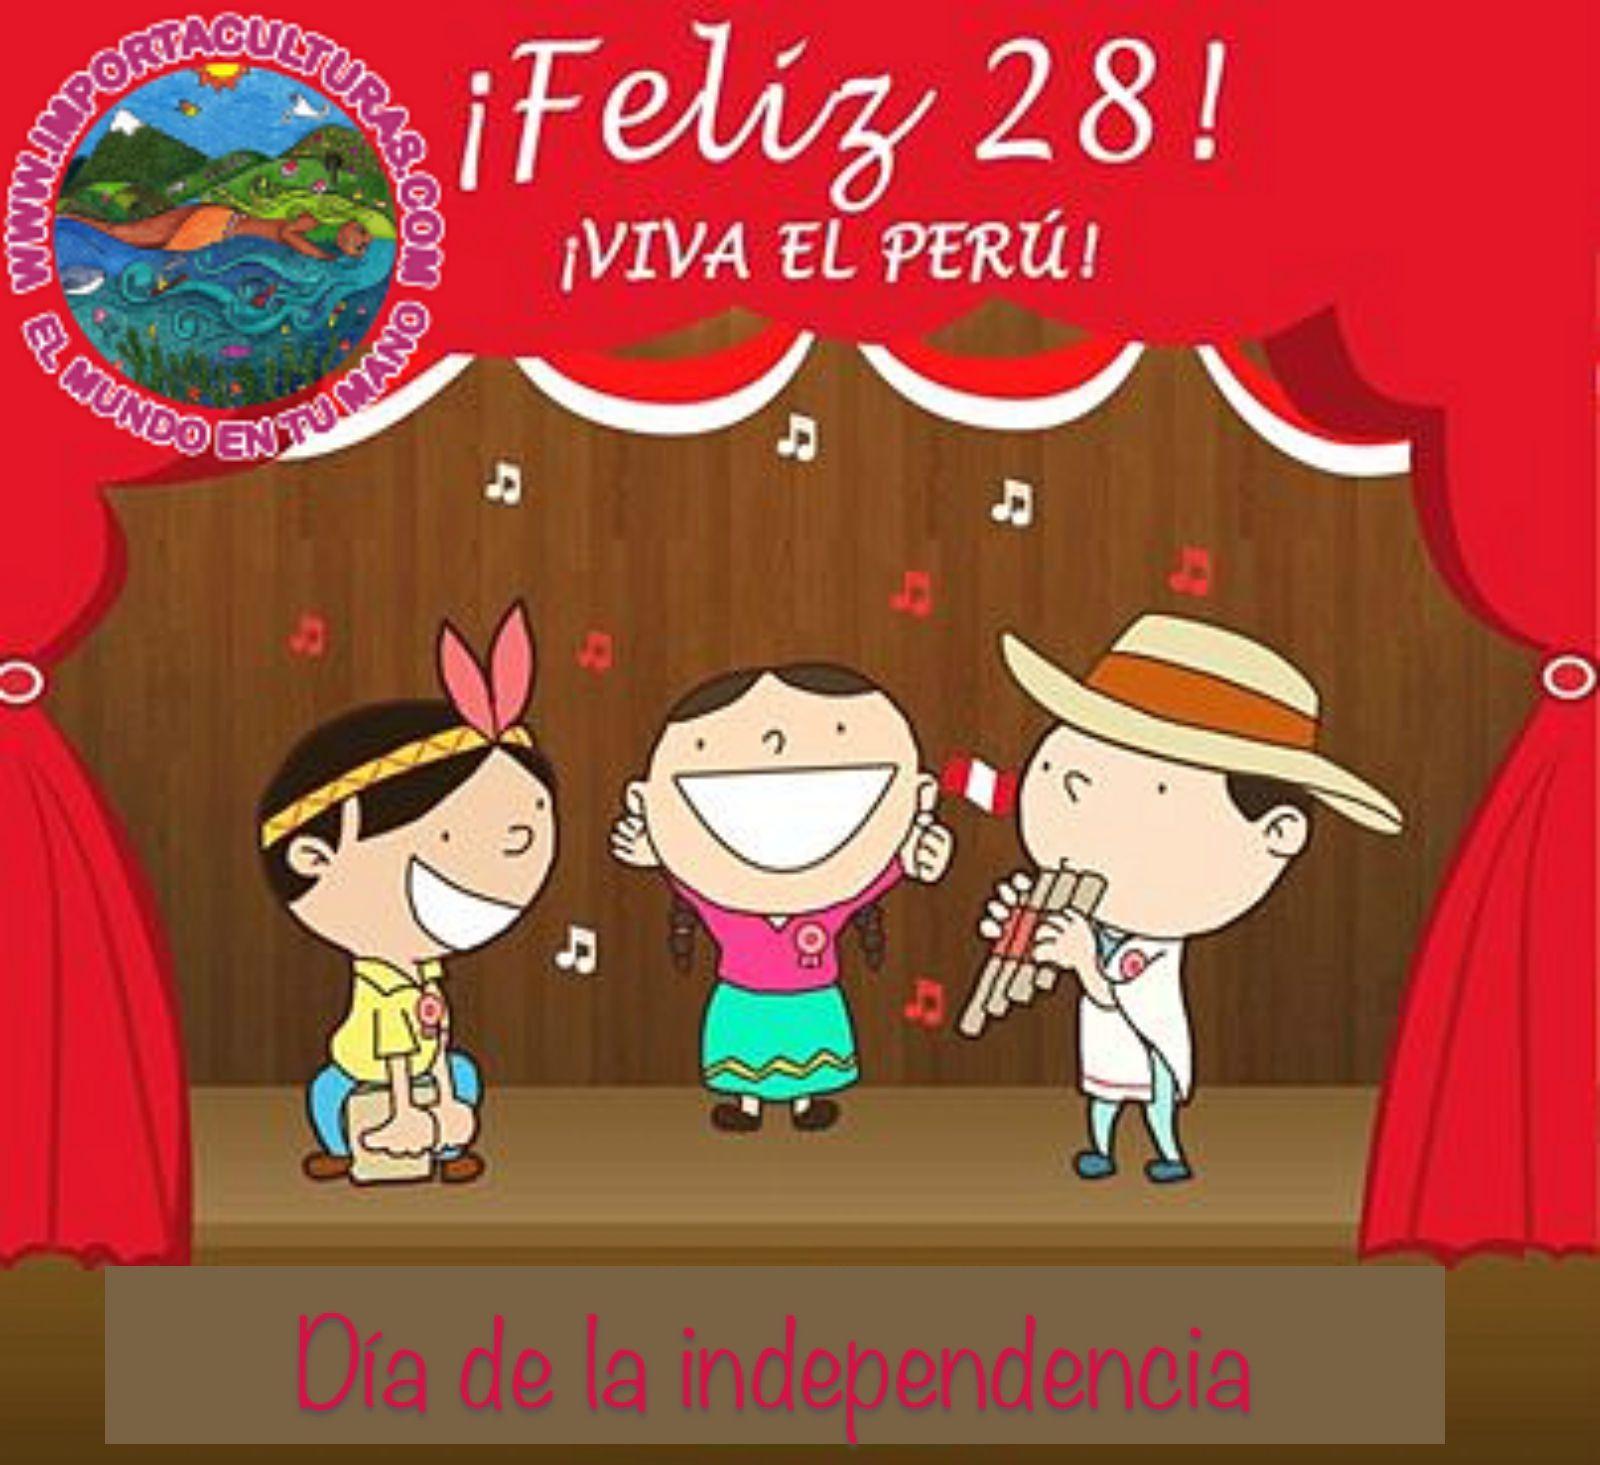 Feliz día de la independencia peruanos !